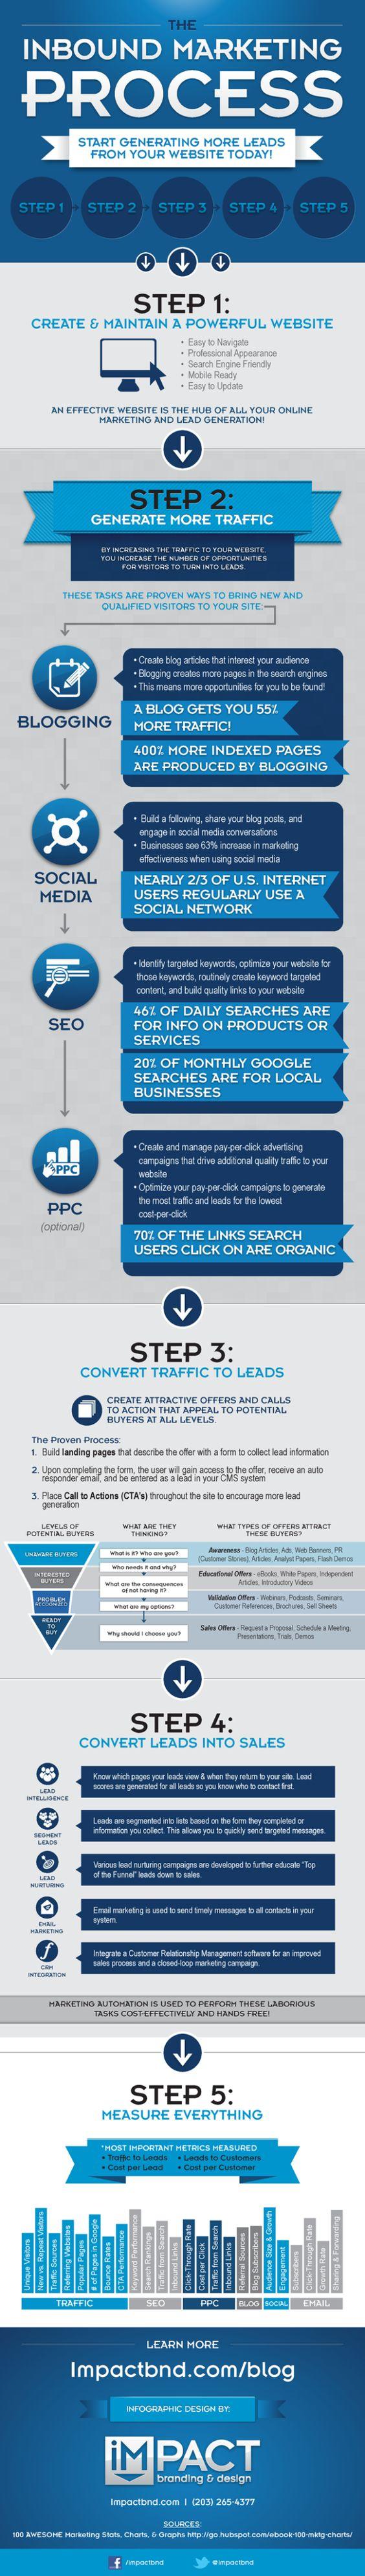 Las 5 fases del proceso de Marketing de Atracción o Inbound Marketing